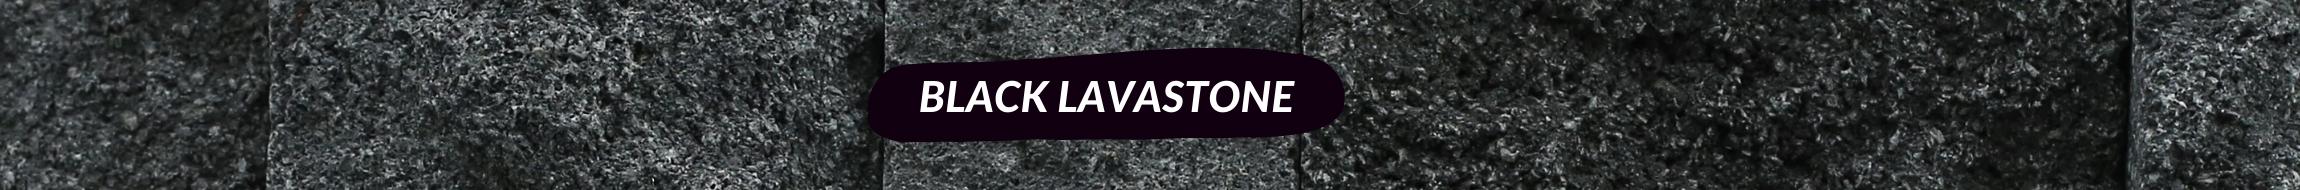 black-lavastone